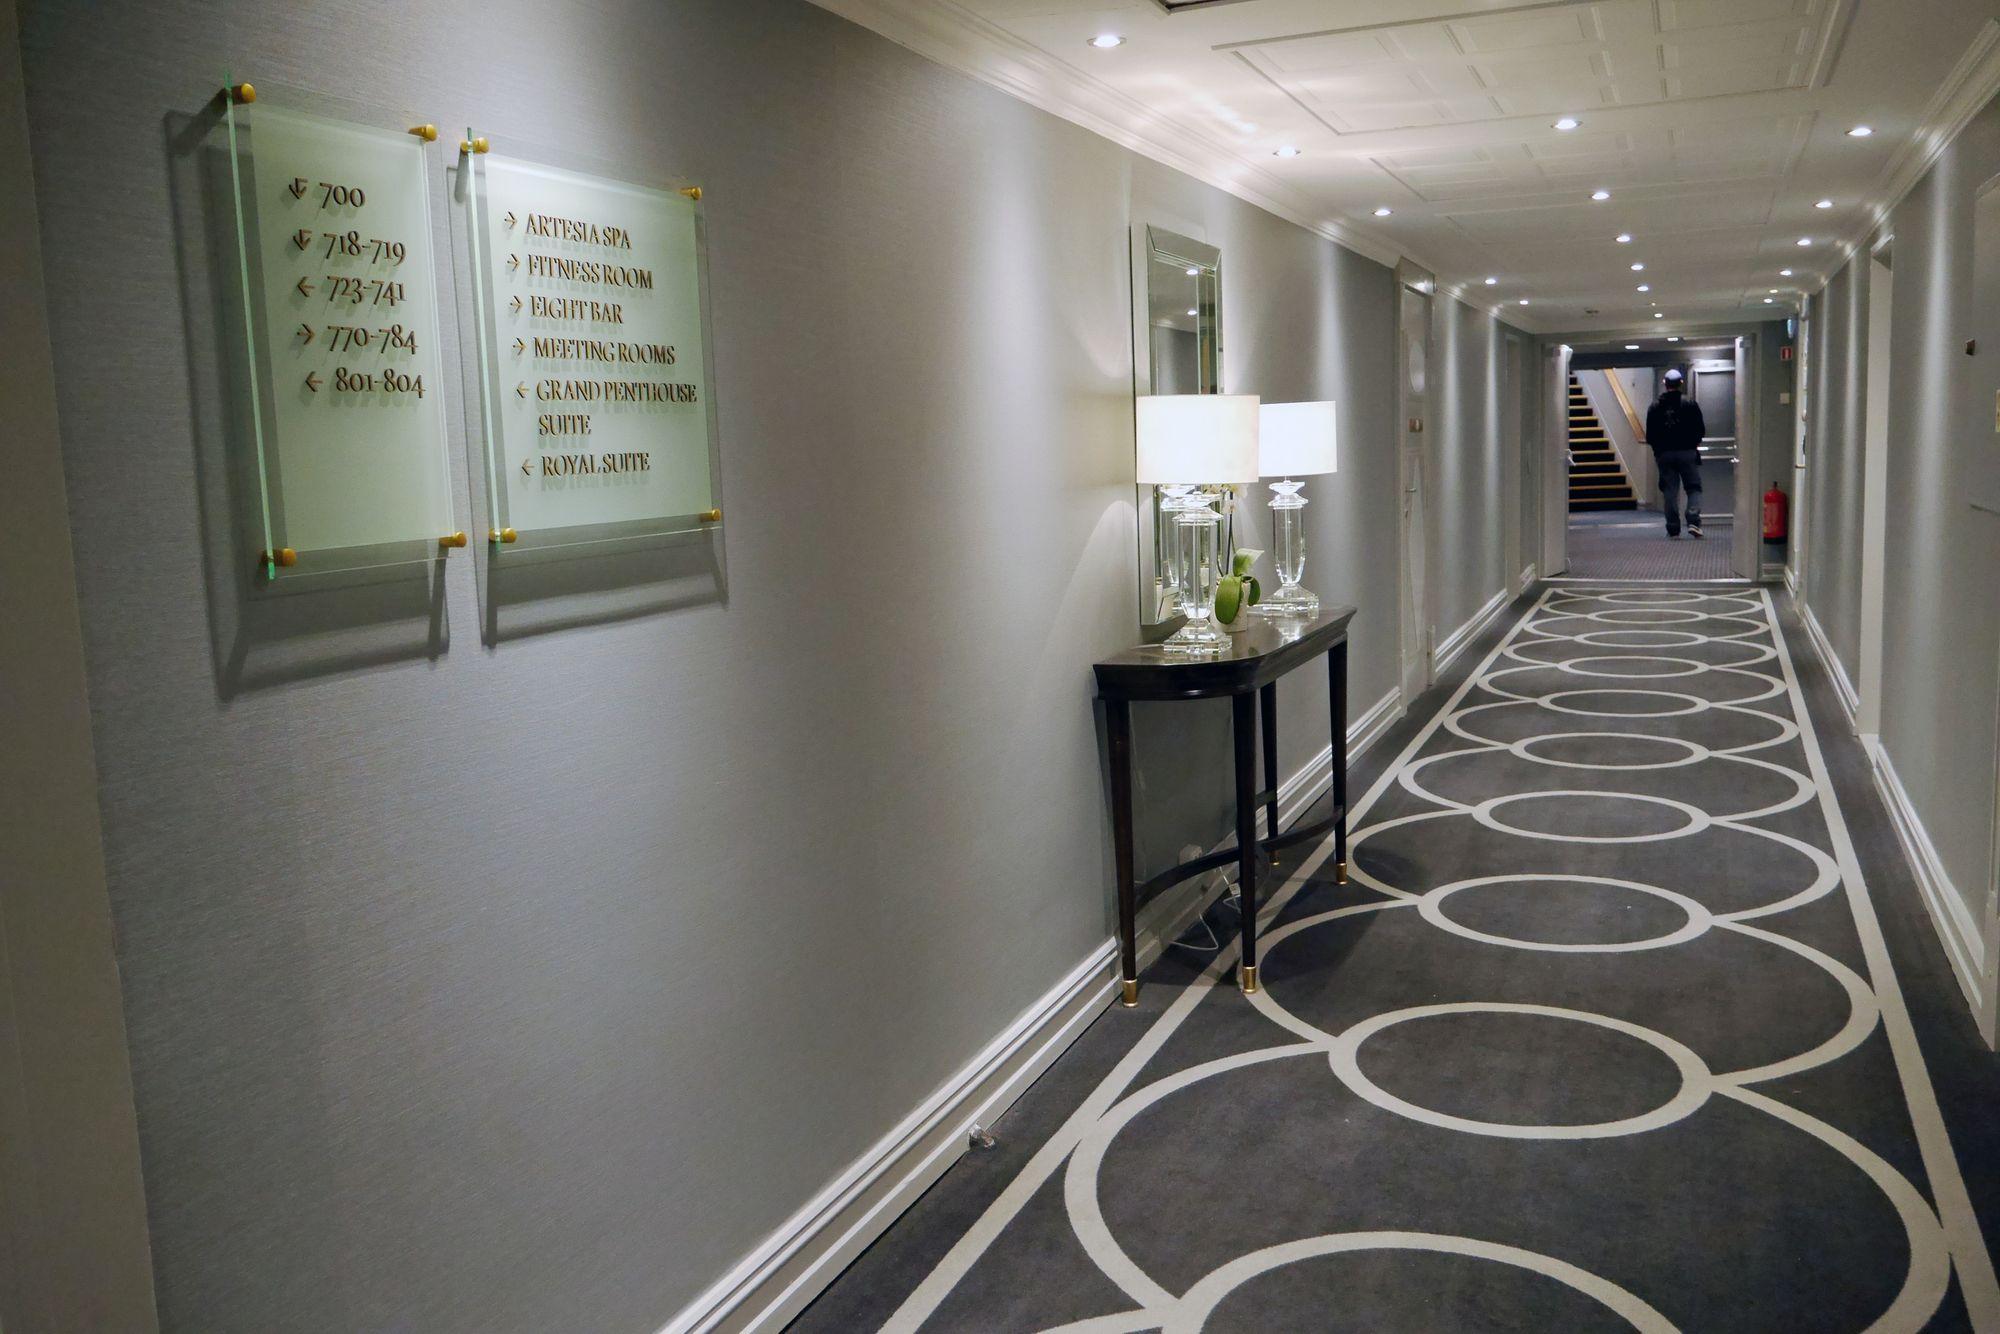 Artesia spa grand hotel oslo oslo norvège